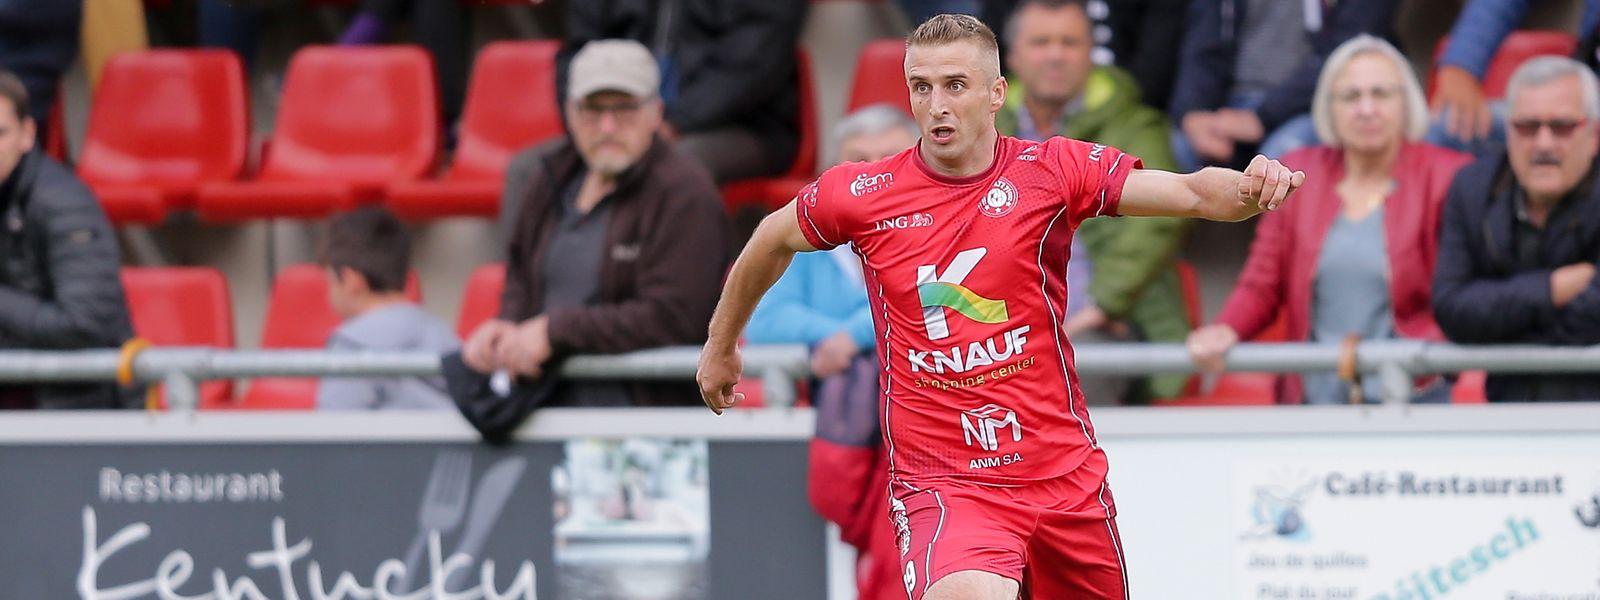 Der Wiltzer Sanel Ibrahimovic kann in Zukunft wieder in der BGL Ligue auf Torejagd gehen.